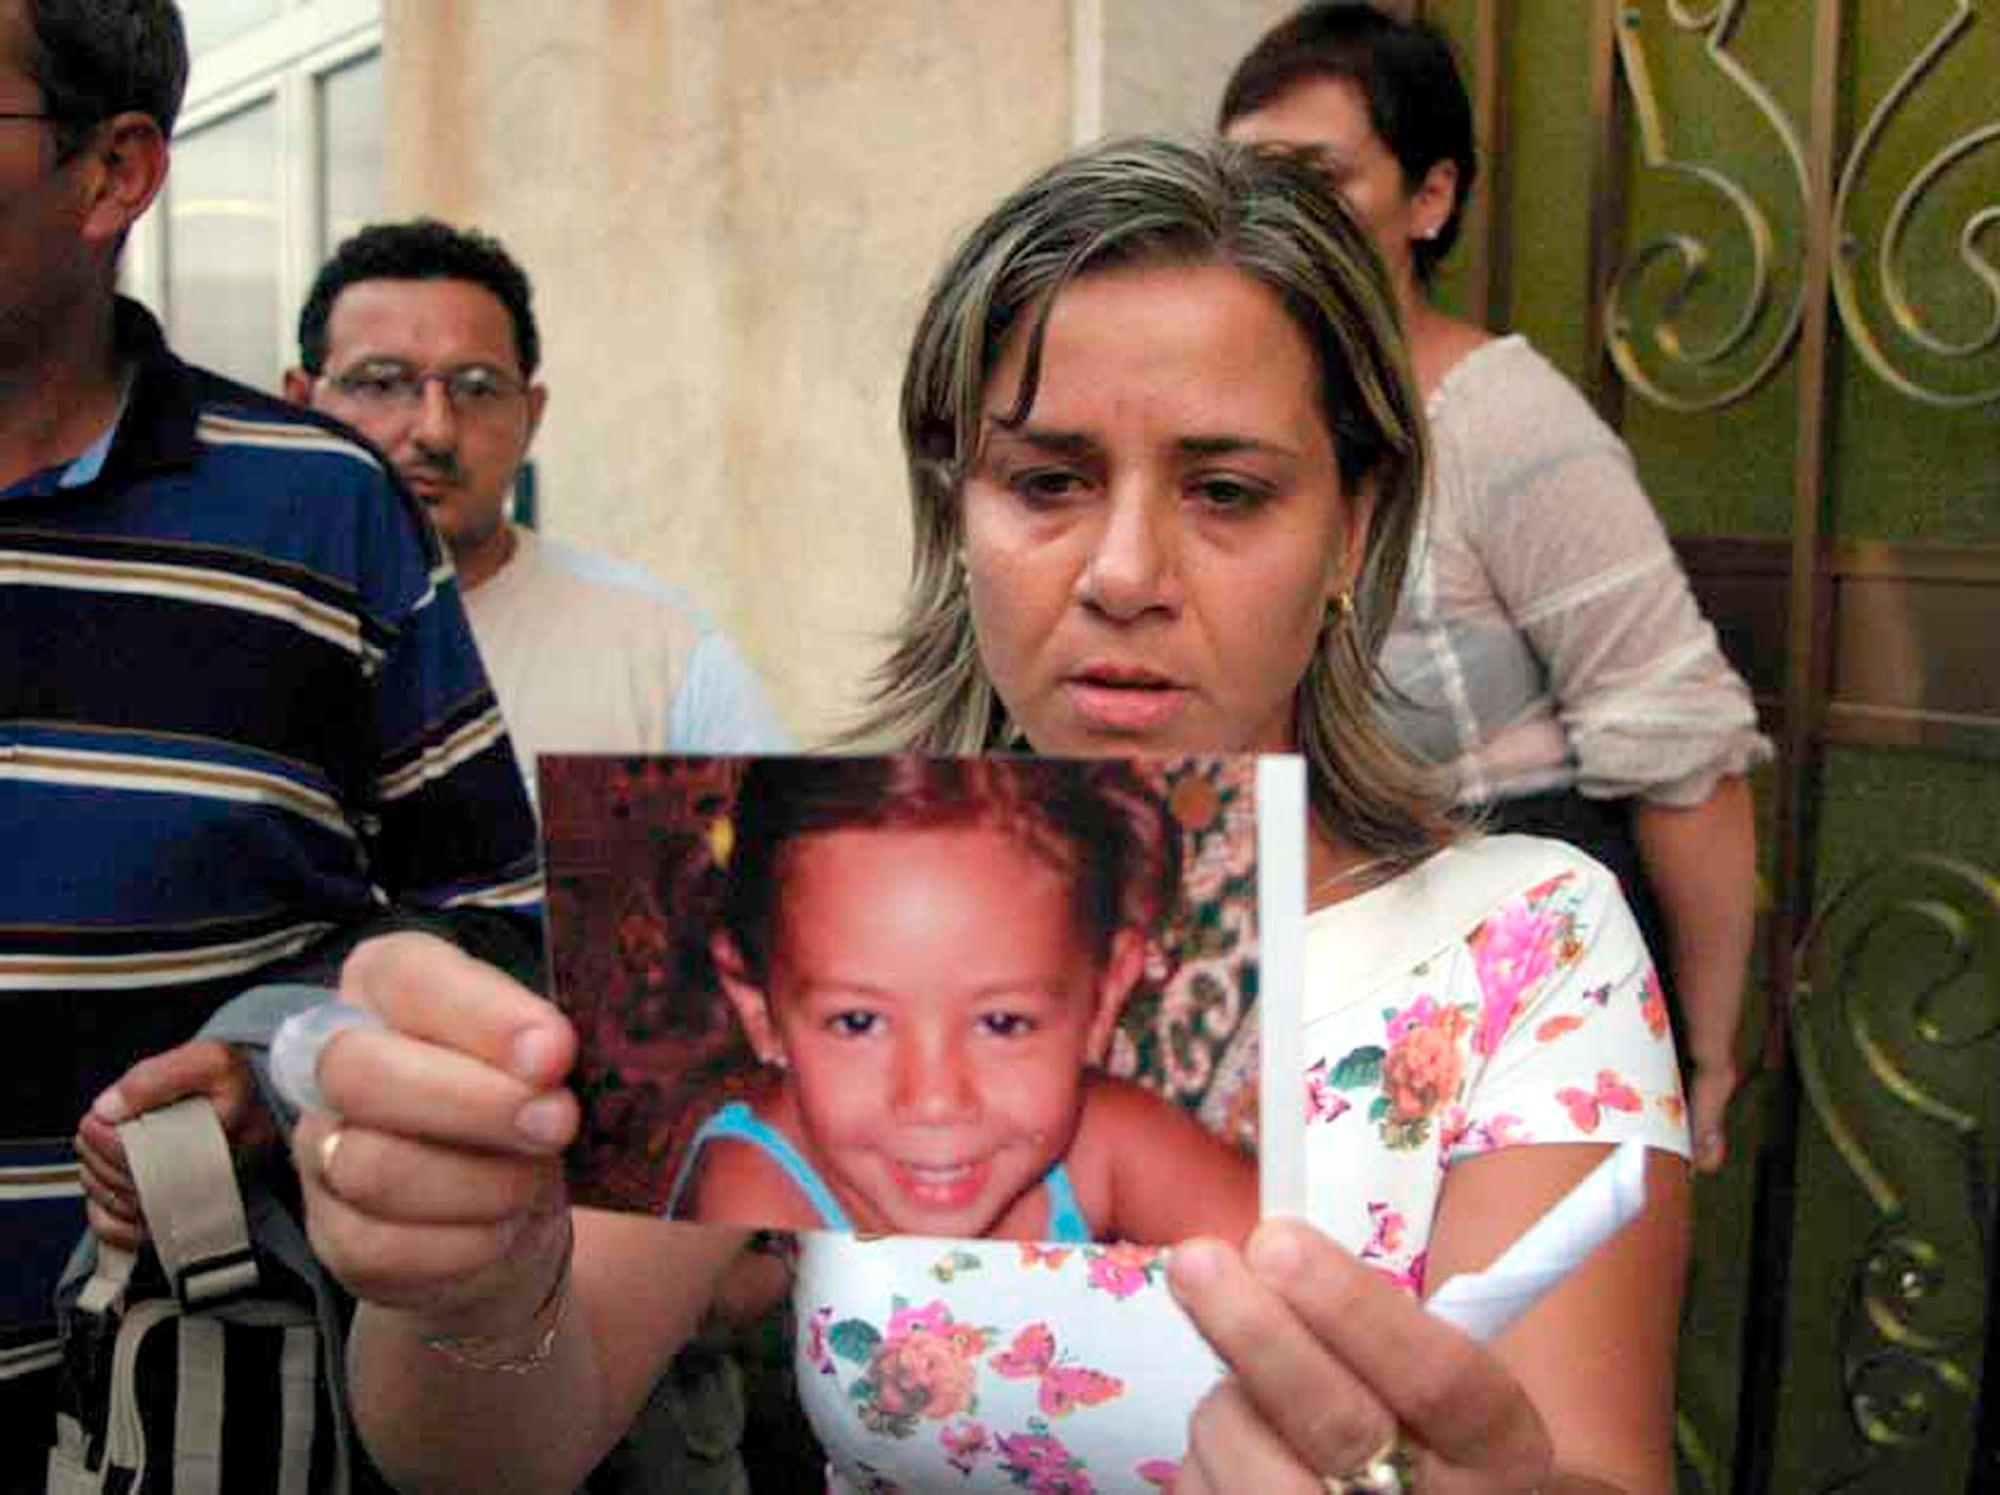 'Caso Denise', i Pm di Marsala: alto rischio di inquinamento delle indagini